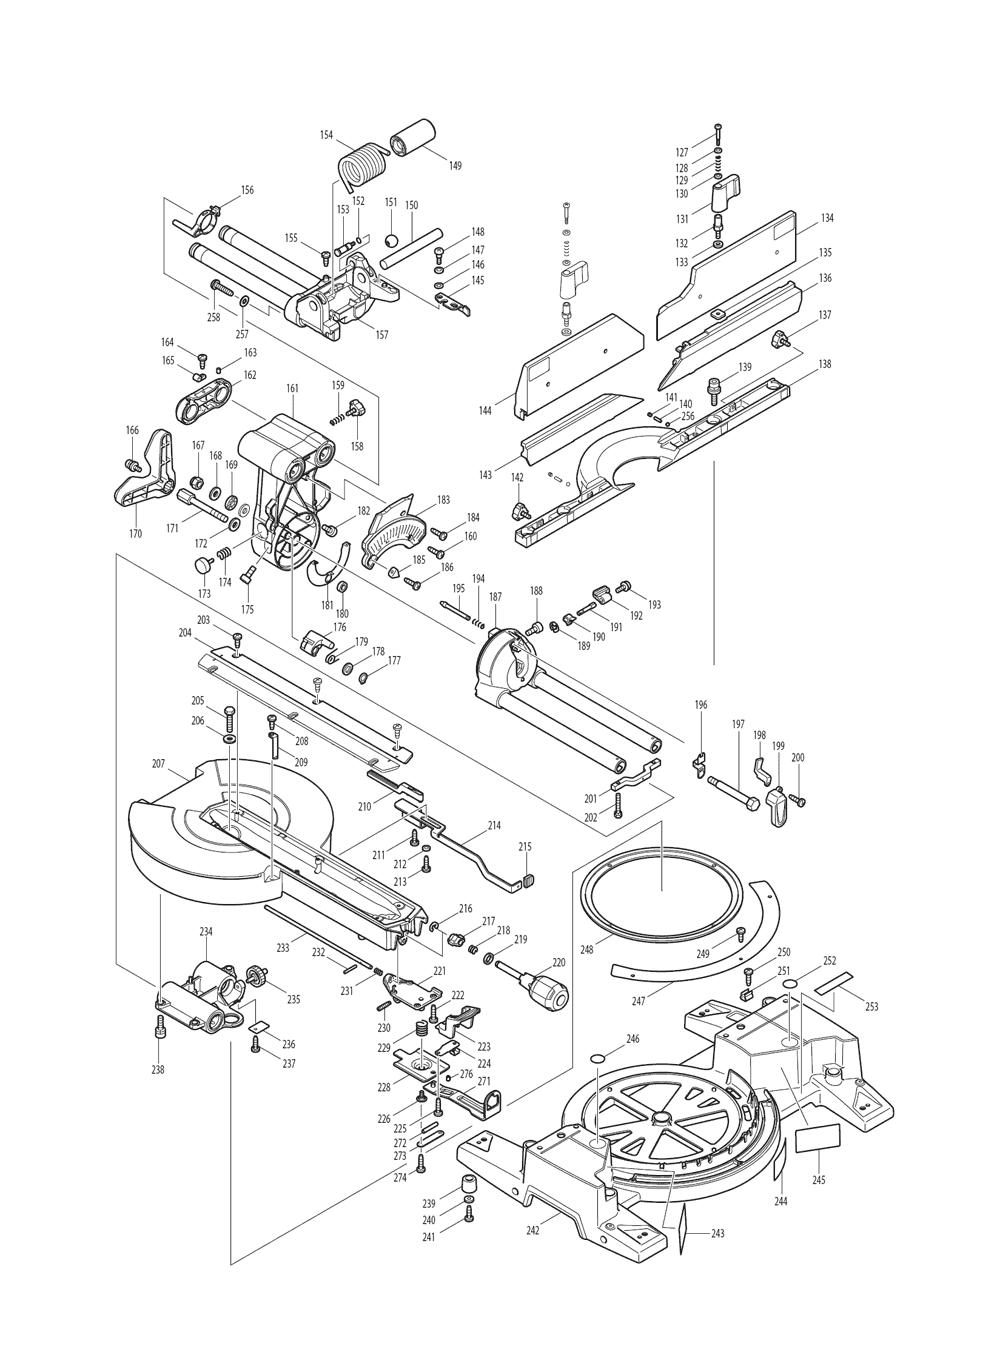 LS1216-T2-Makita-PB-1Break Down